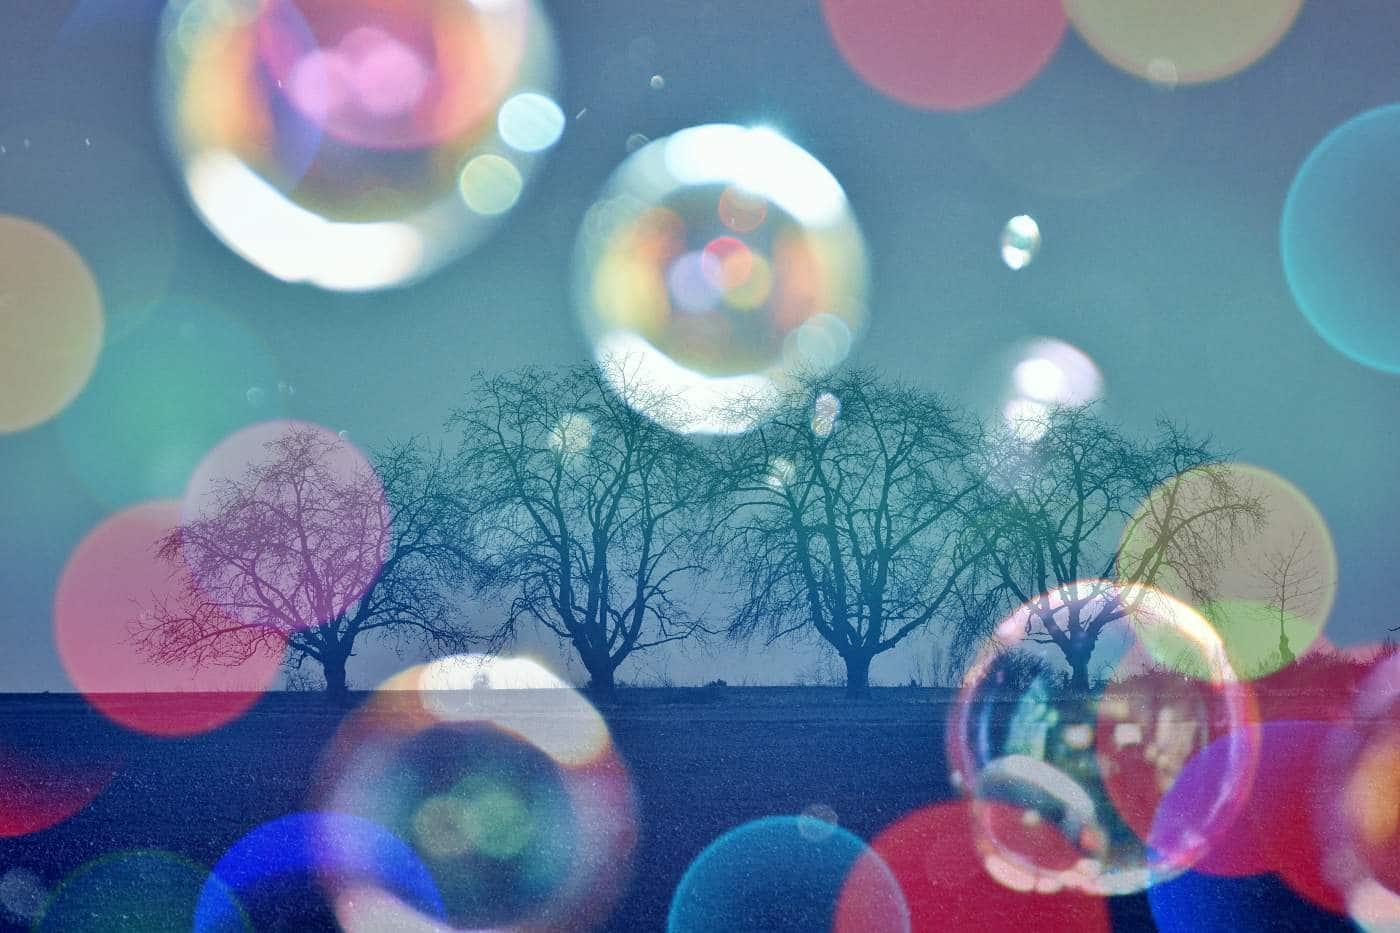 Seifenblasen vor Baumgruppe – Unterschiedsbildung